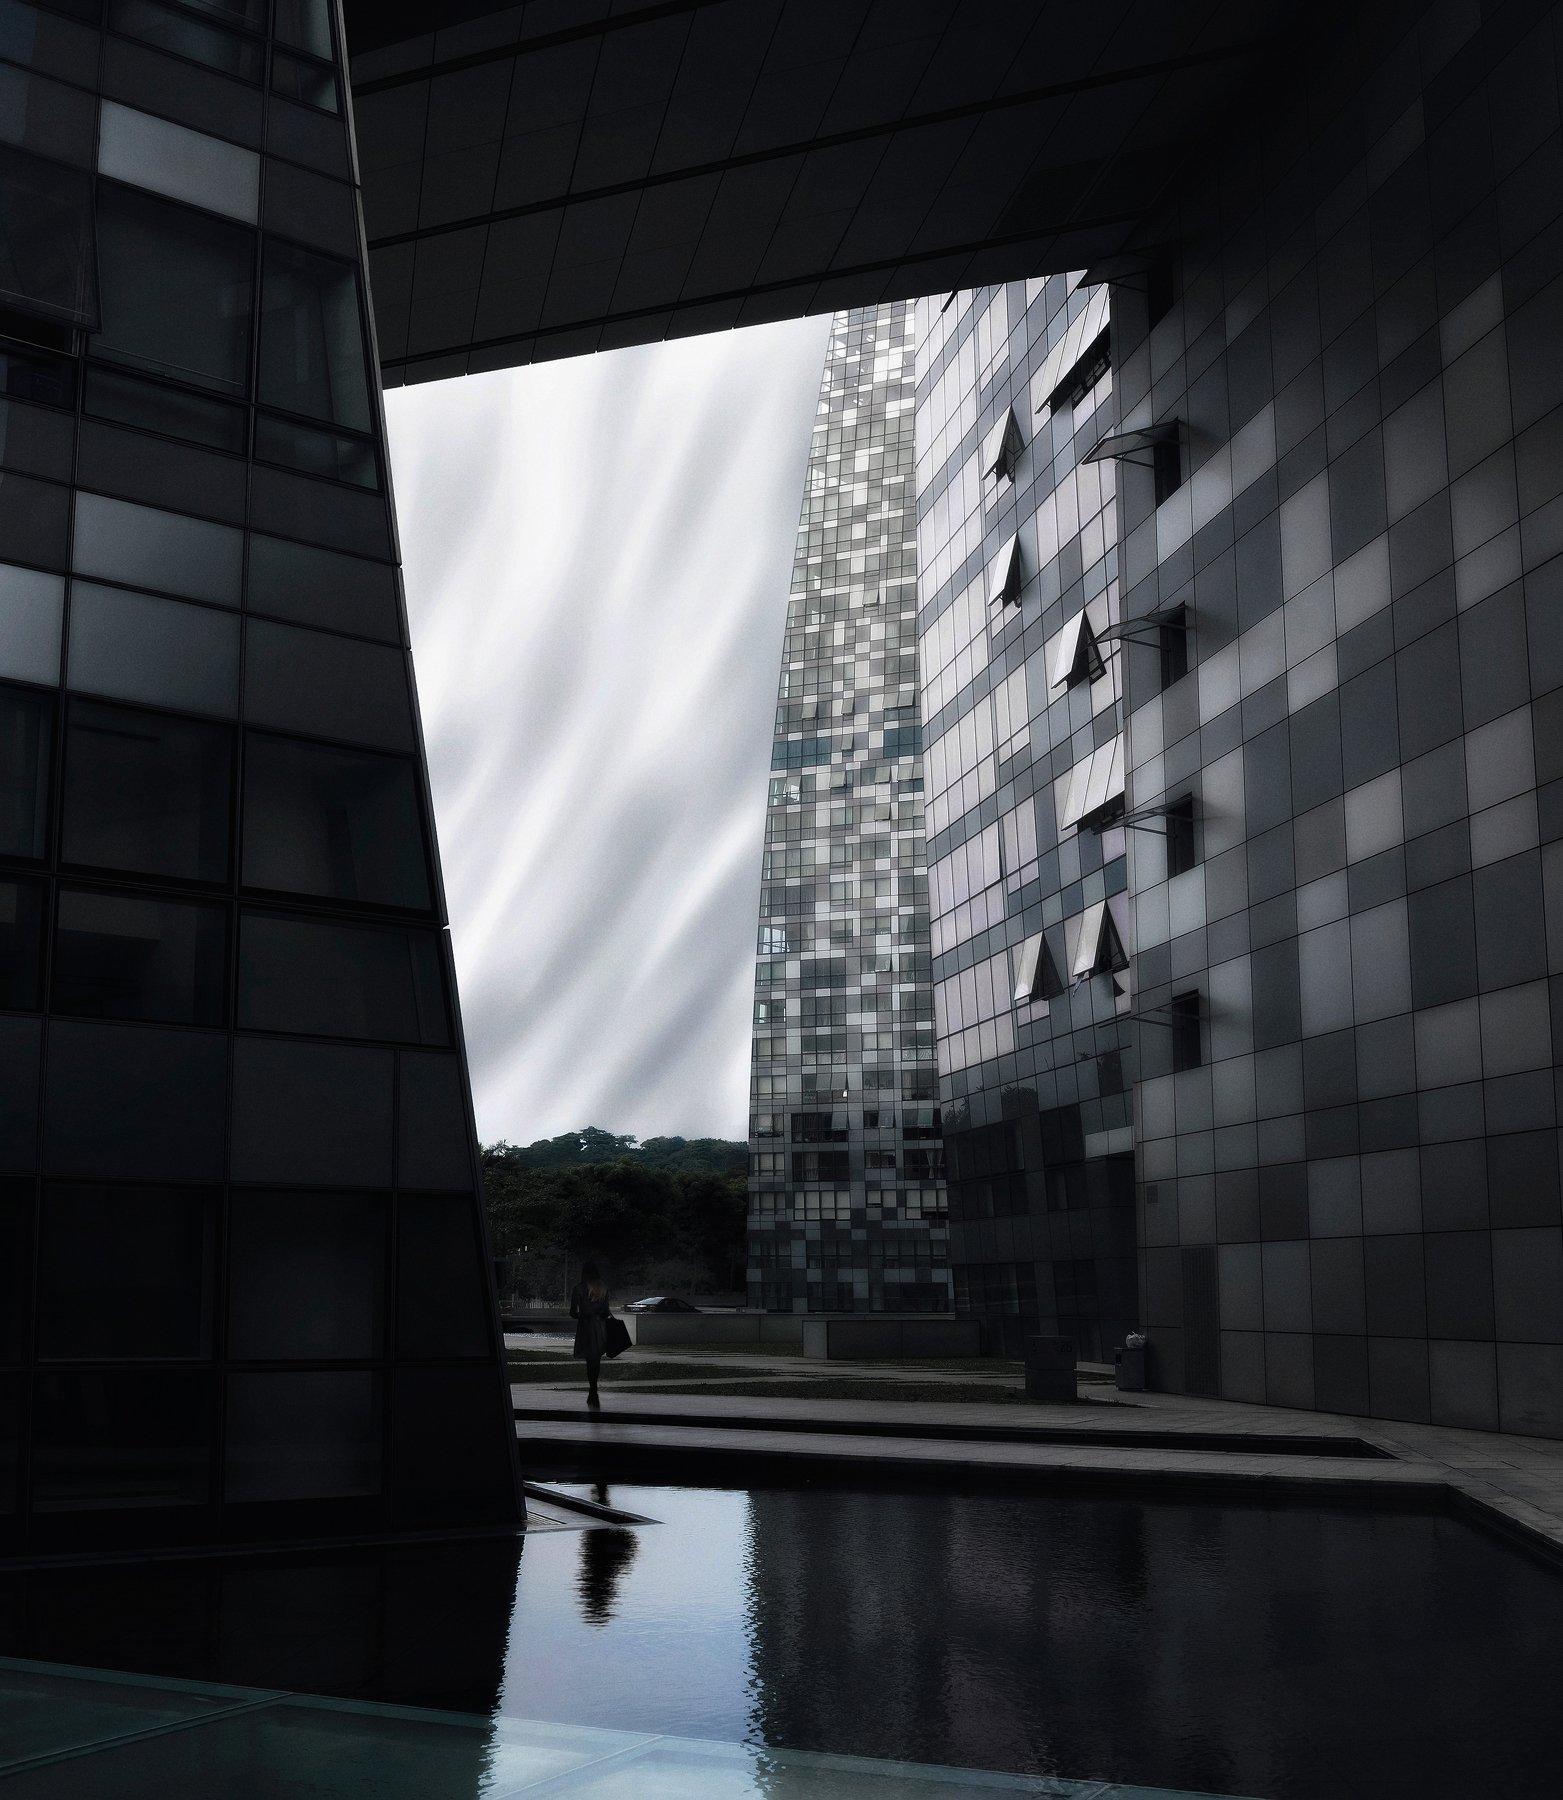 город, стрит, сингапур, азия, путешествия, монохром, Алексей Ермаков